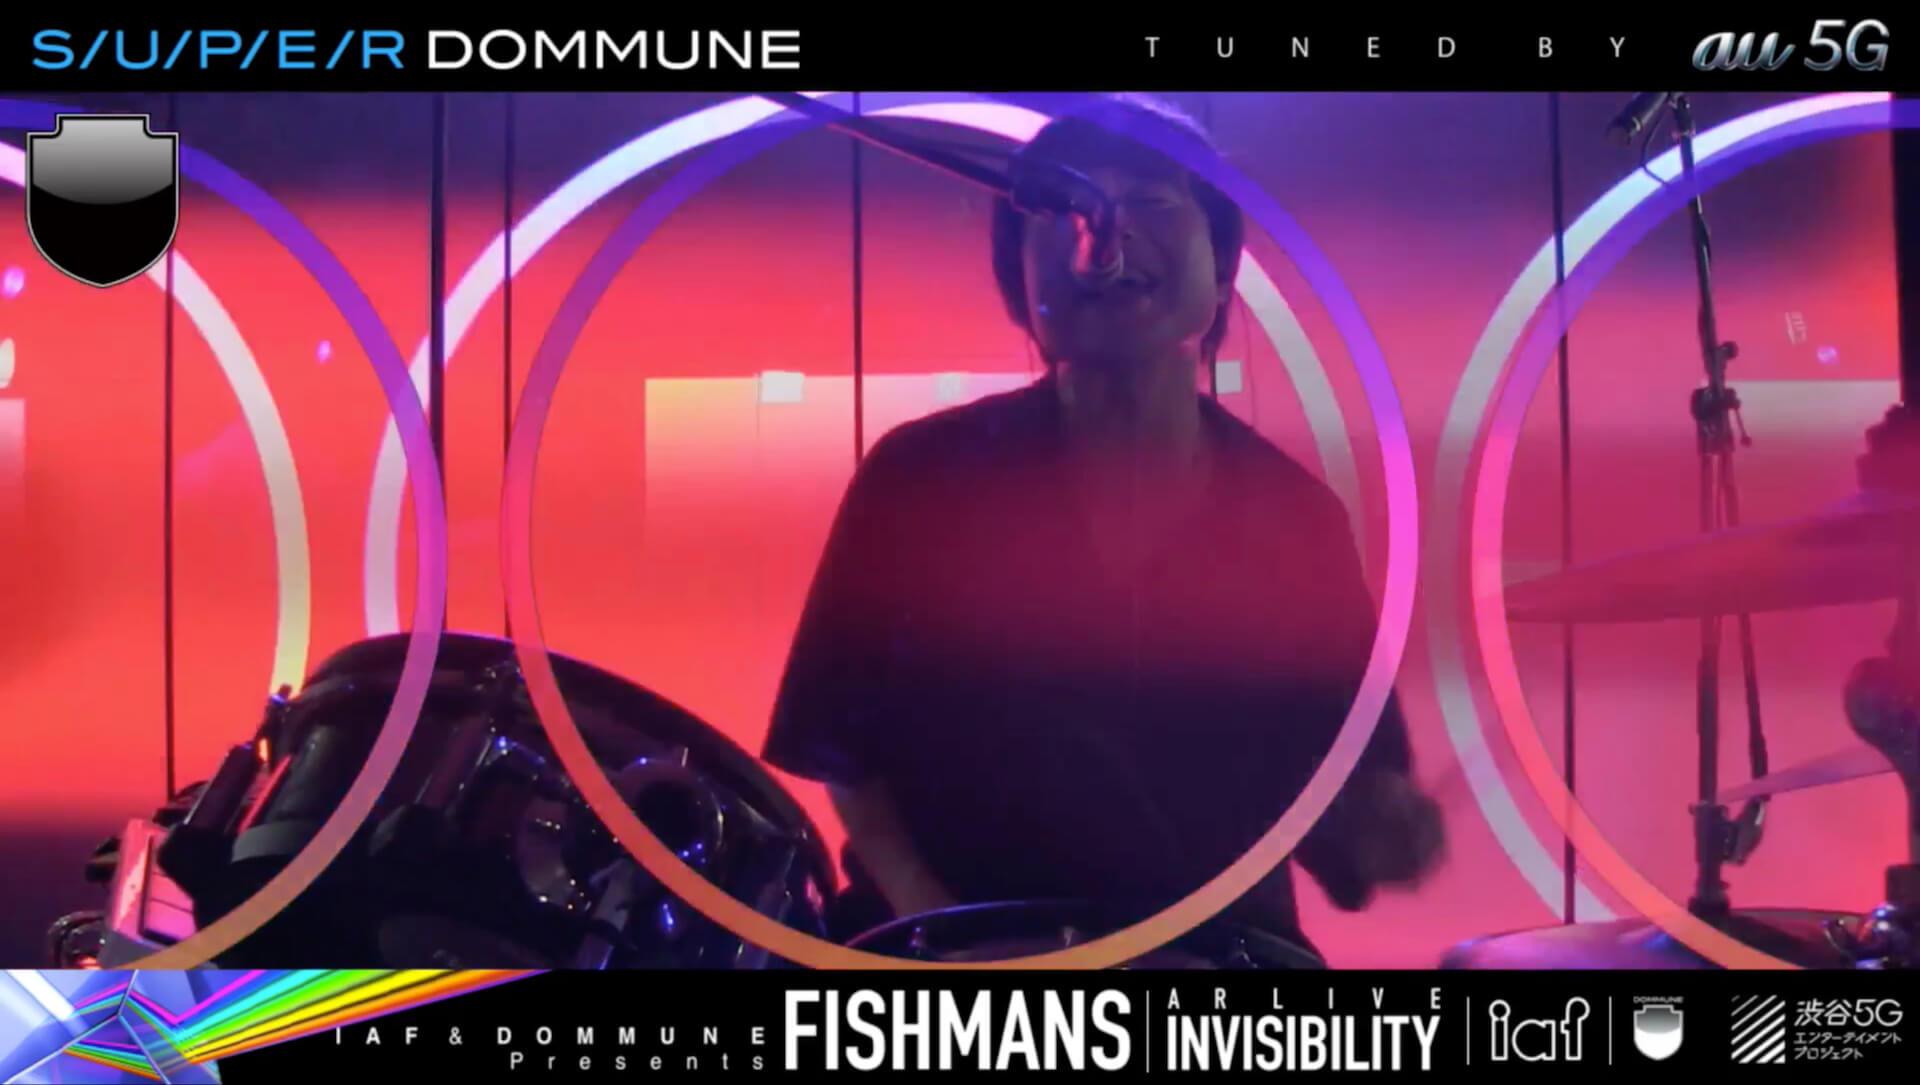 リアルとバーチャルのシナジーが生まれたFISHMANS AR LIVE<INVISIBILITY> music200622_fishmans_superdommune_8